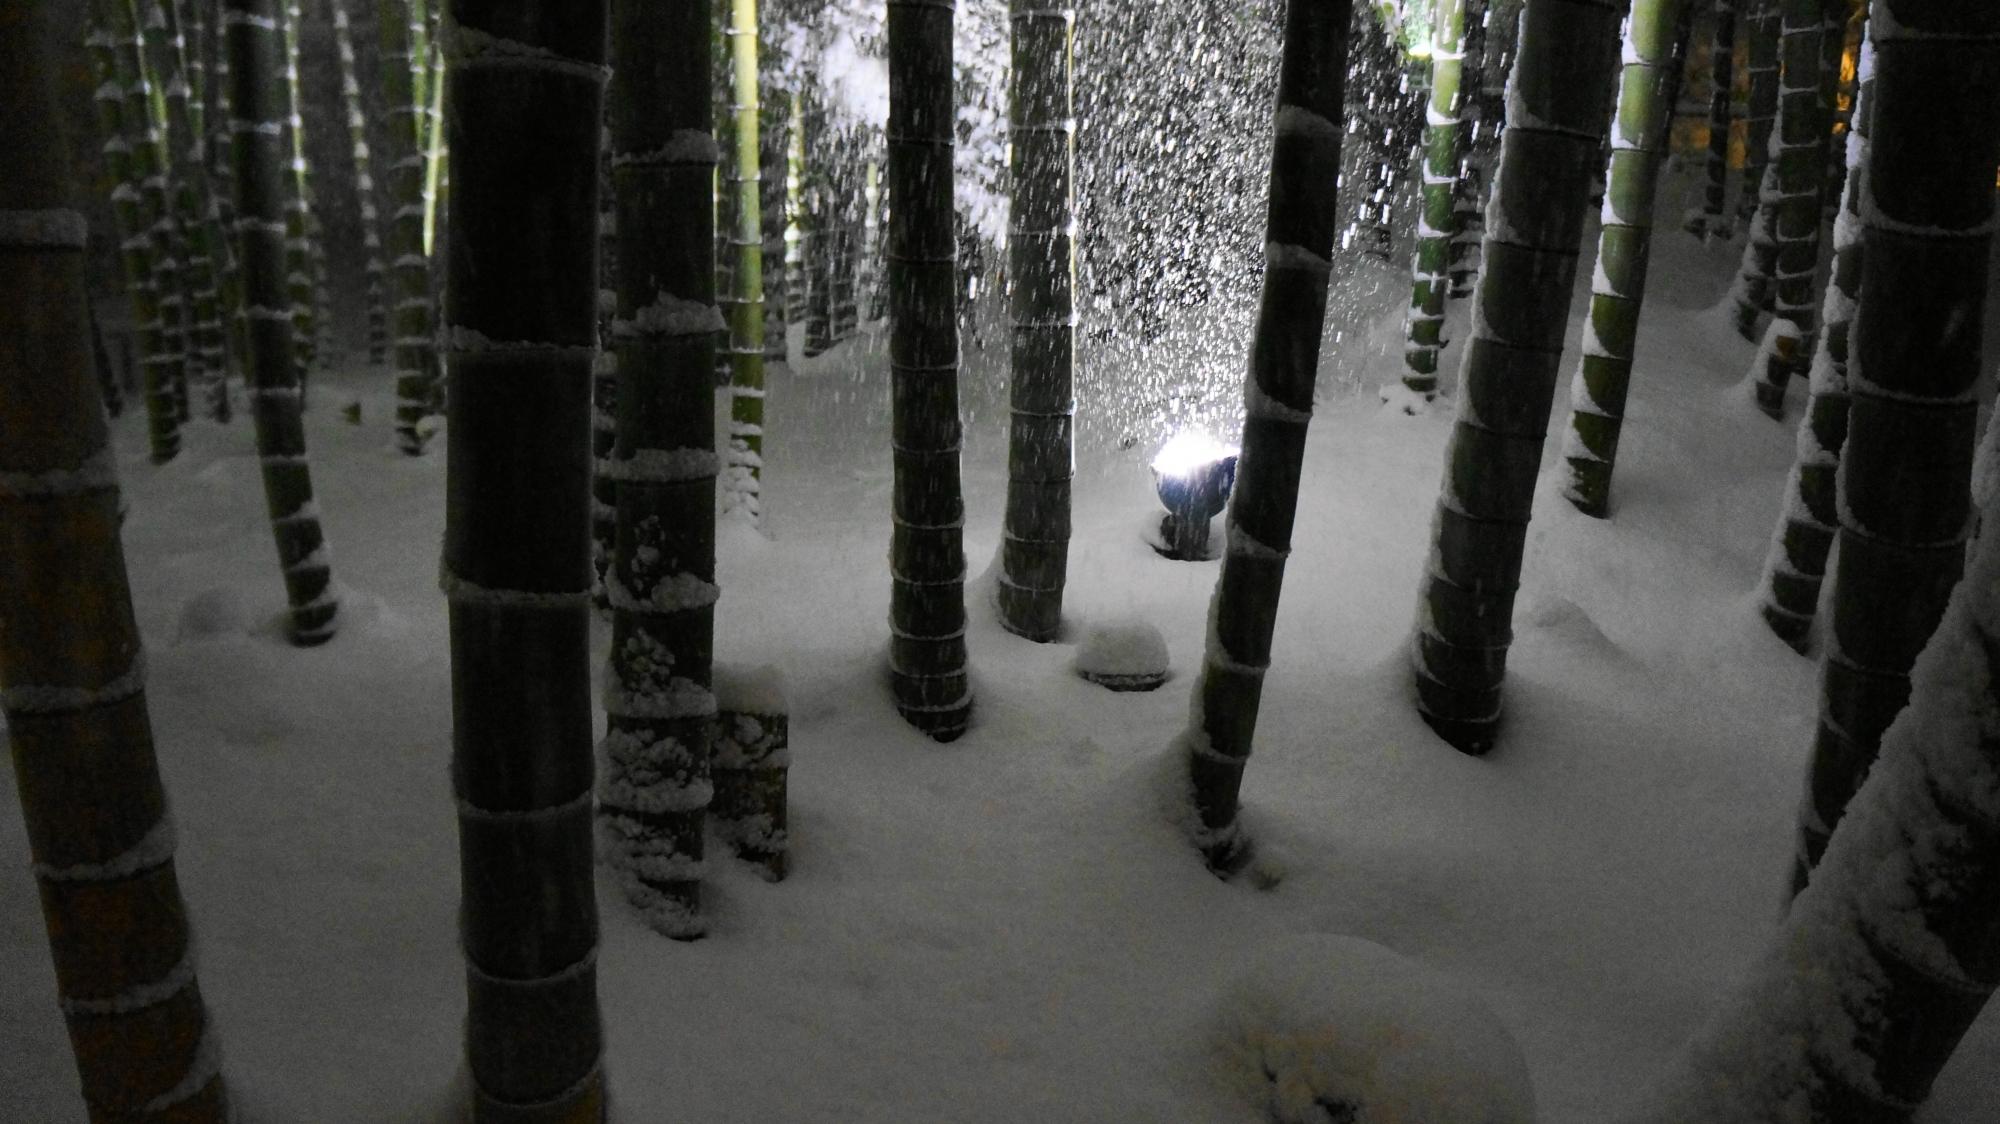 高台寺の竹林の下のふかふかの雪